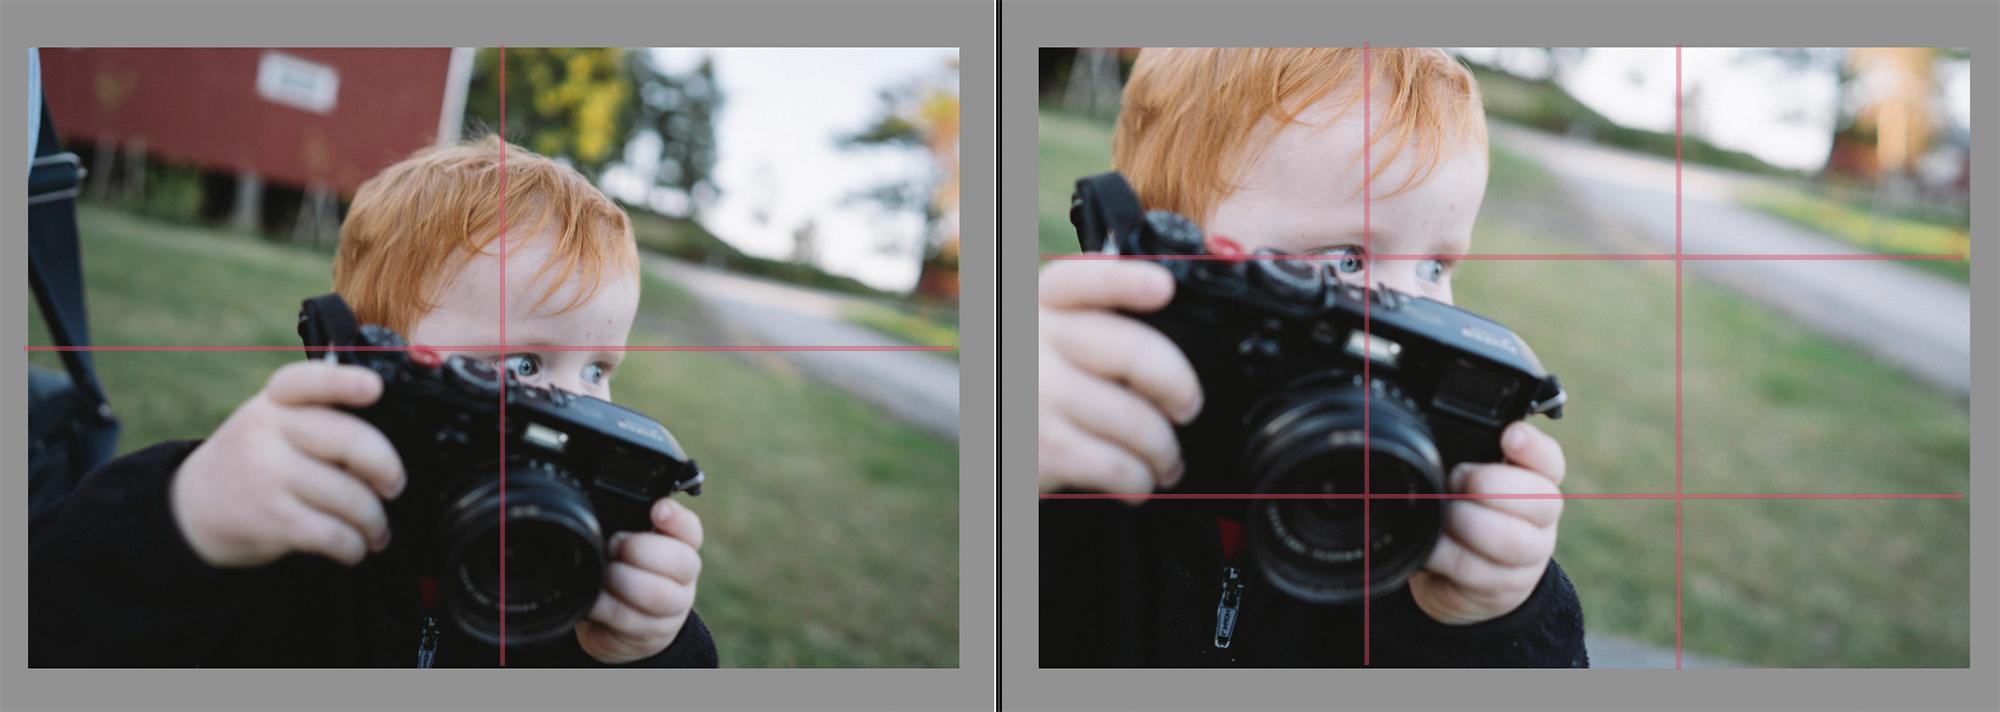 1/3-regelen brukt på portretter. Barn som ser utover i bildet.